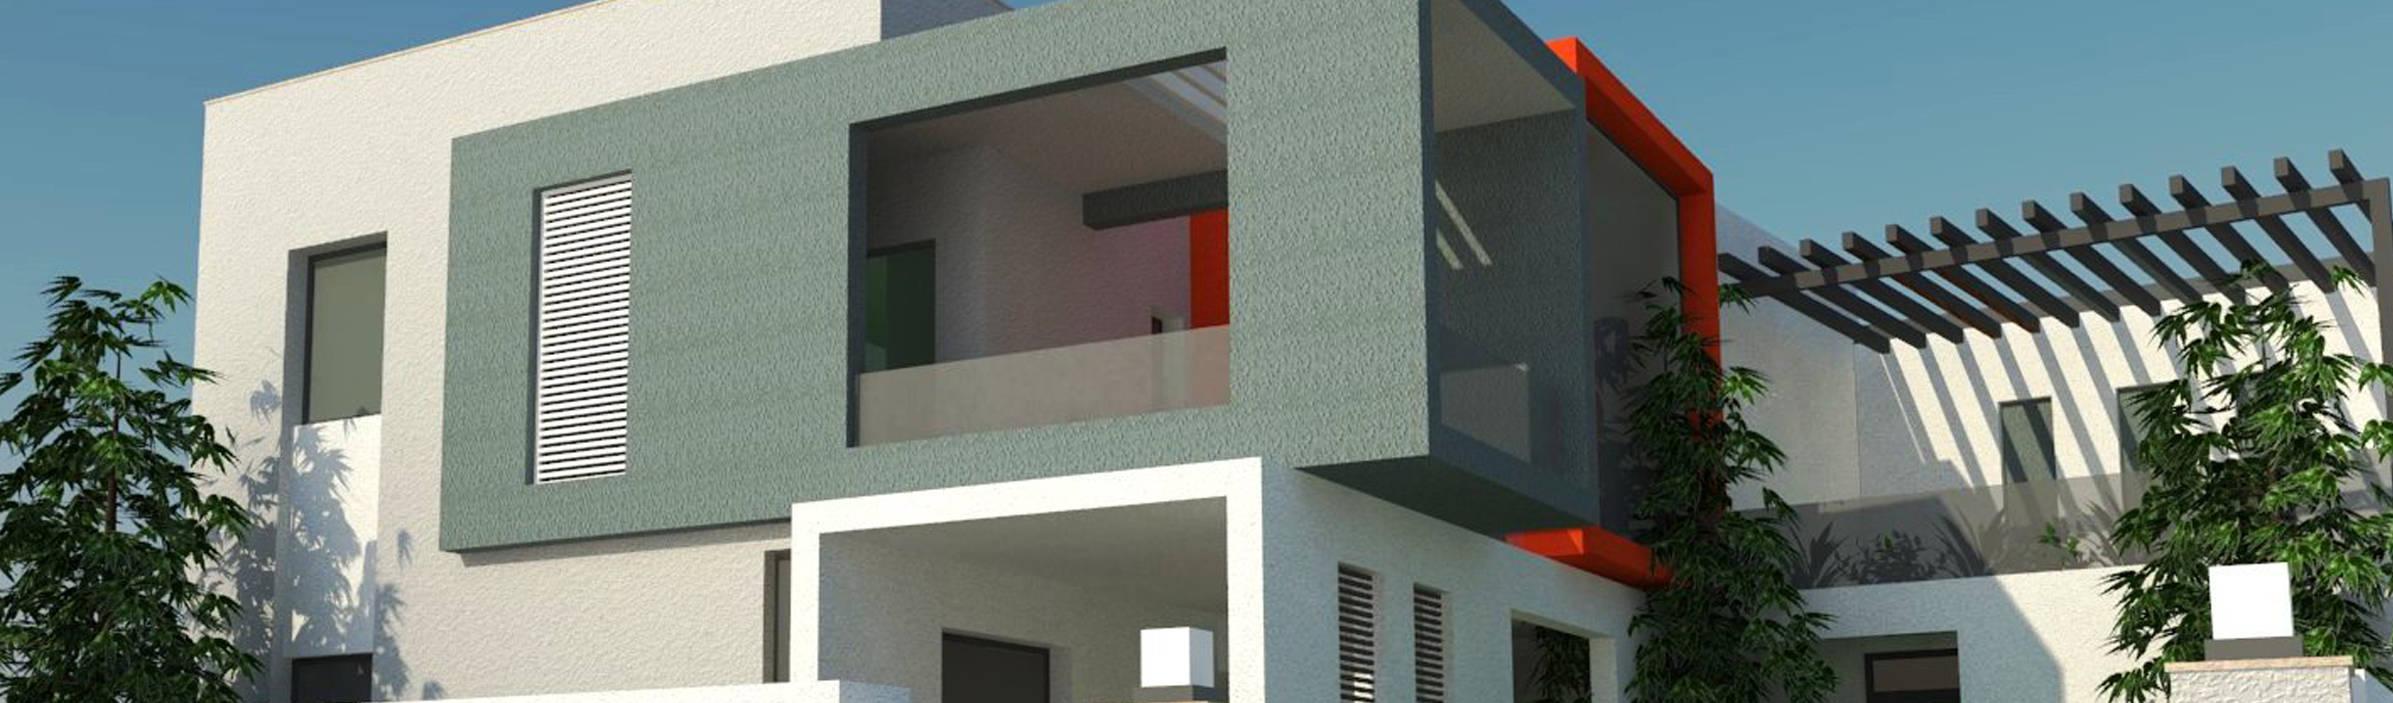 Caryatid Architects